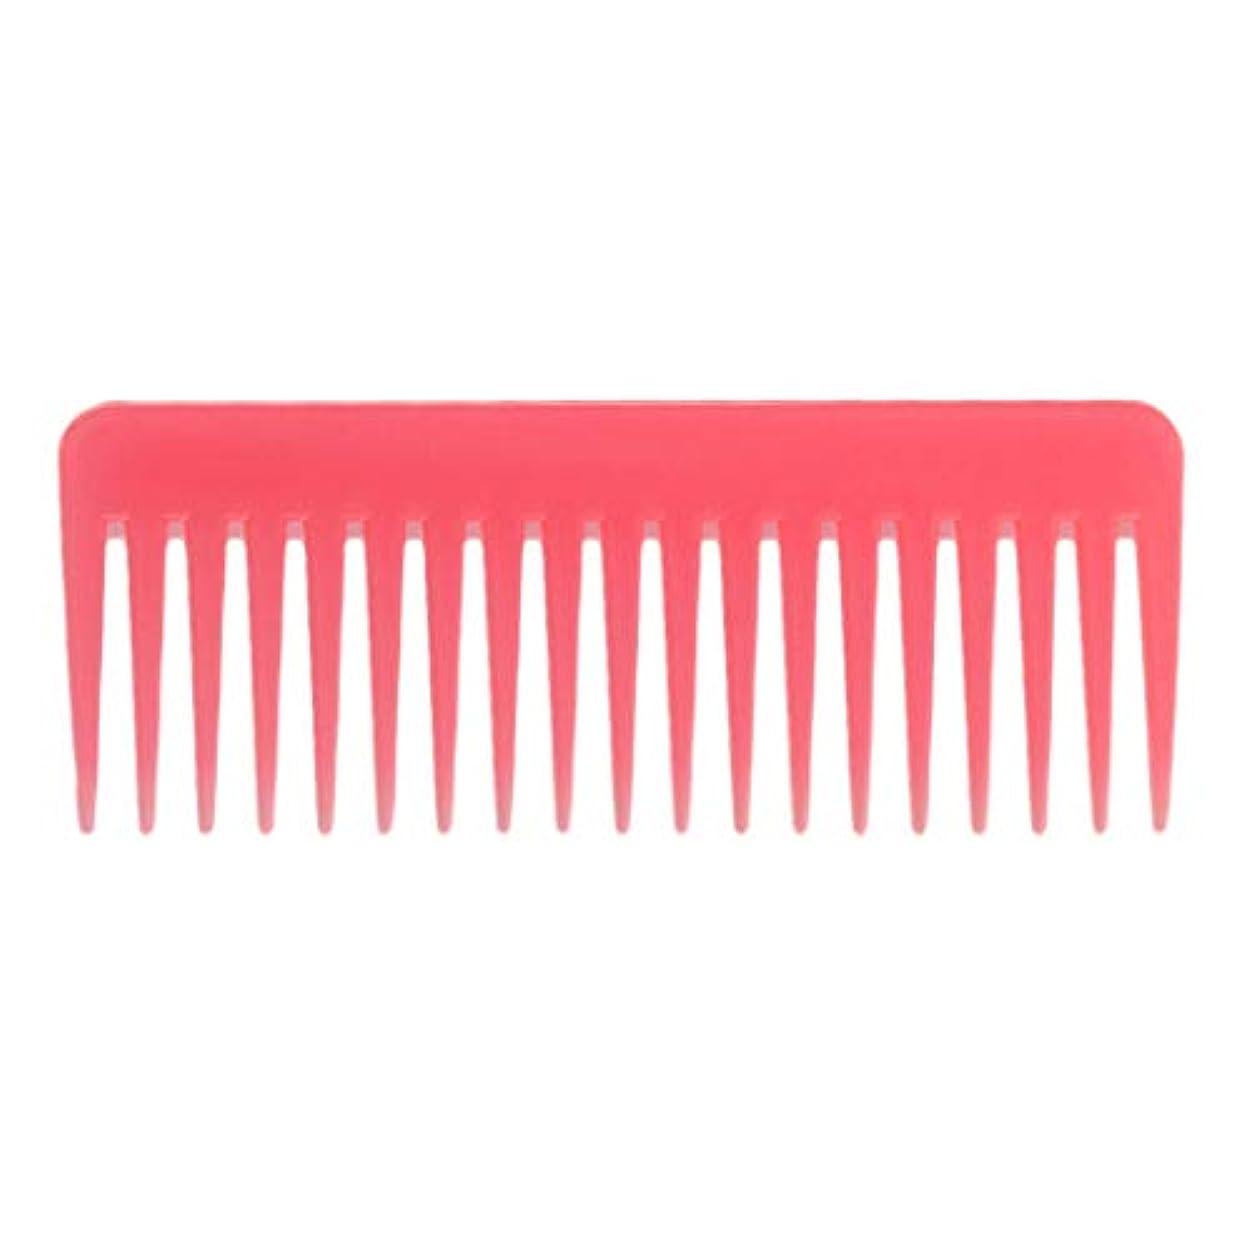 市民権瀬戸際Toygogo 巻き毛の太い髪用の広い歯のもつれのくしサロンシャンプーヘアブラシくし、6.1 ' - ピンク